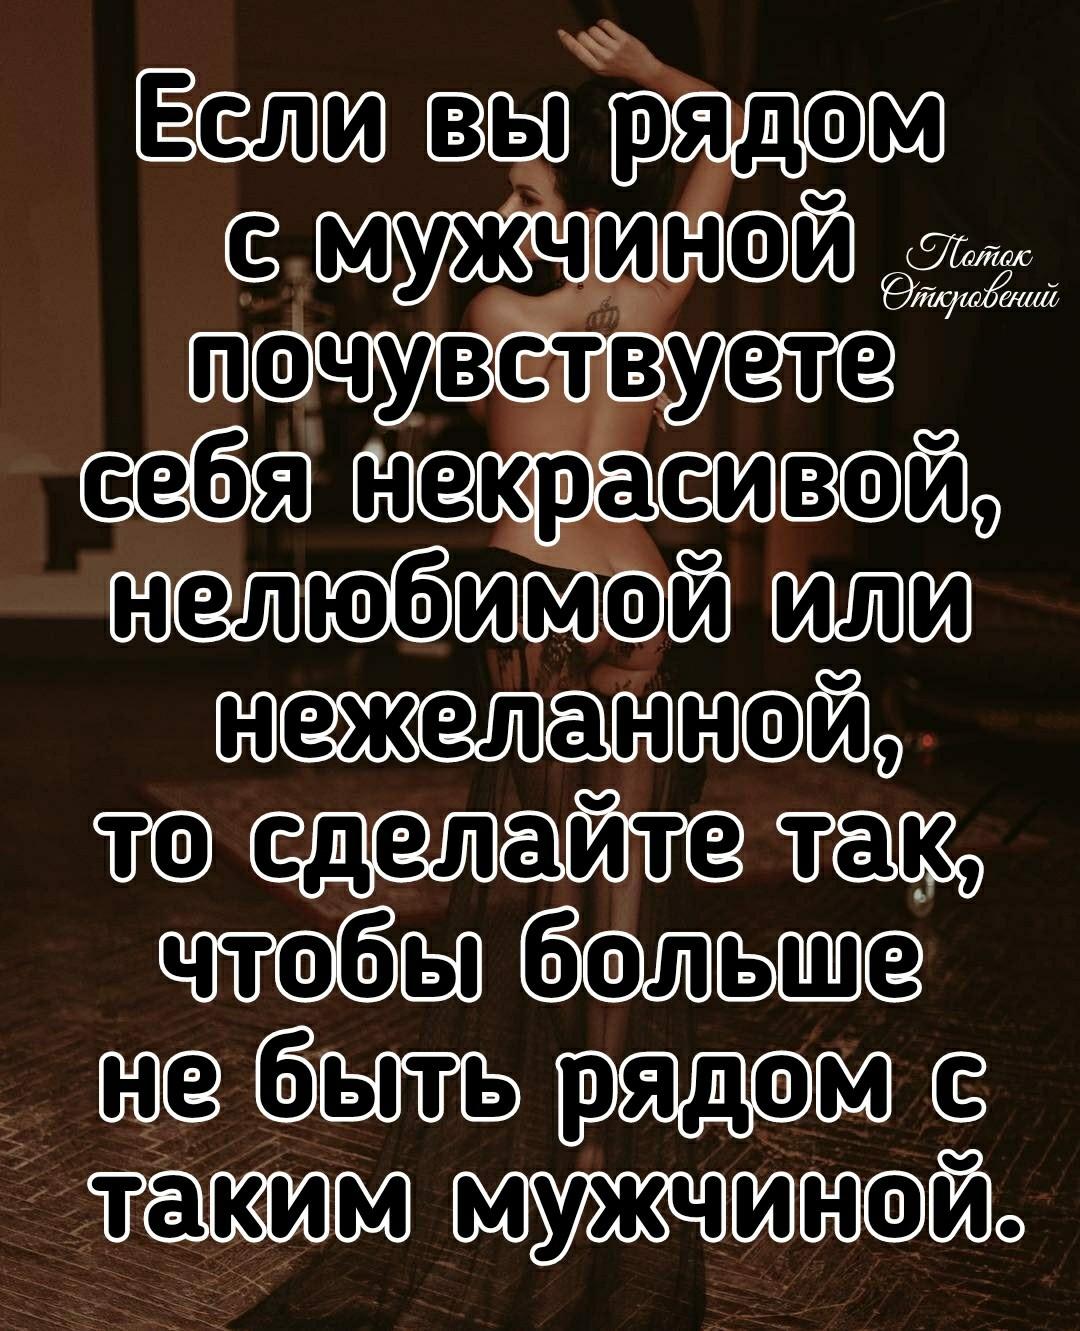 Одна мудрая женщина сказала! Не держитесь за мужиков, от которых Вы плачете. Поверьте, есть мужчины, с которыми Вы будет